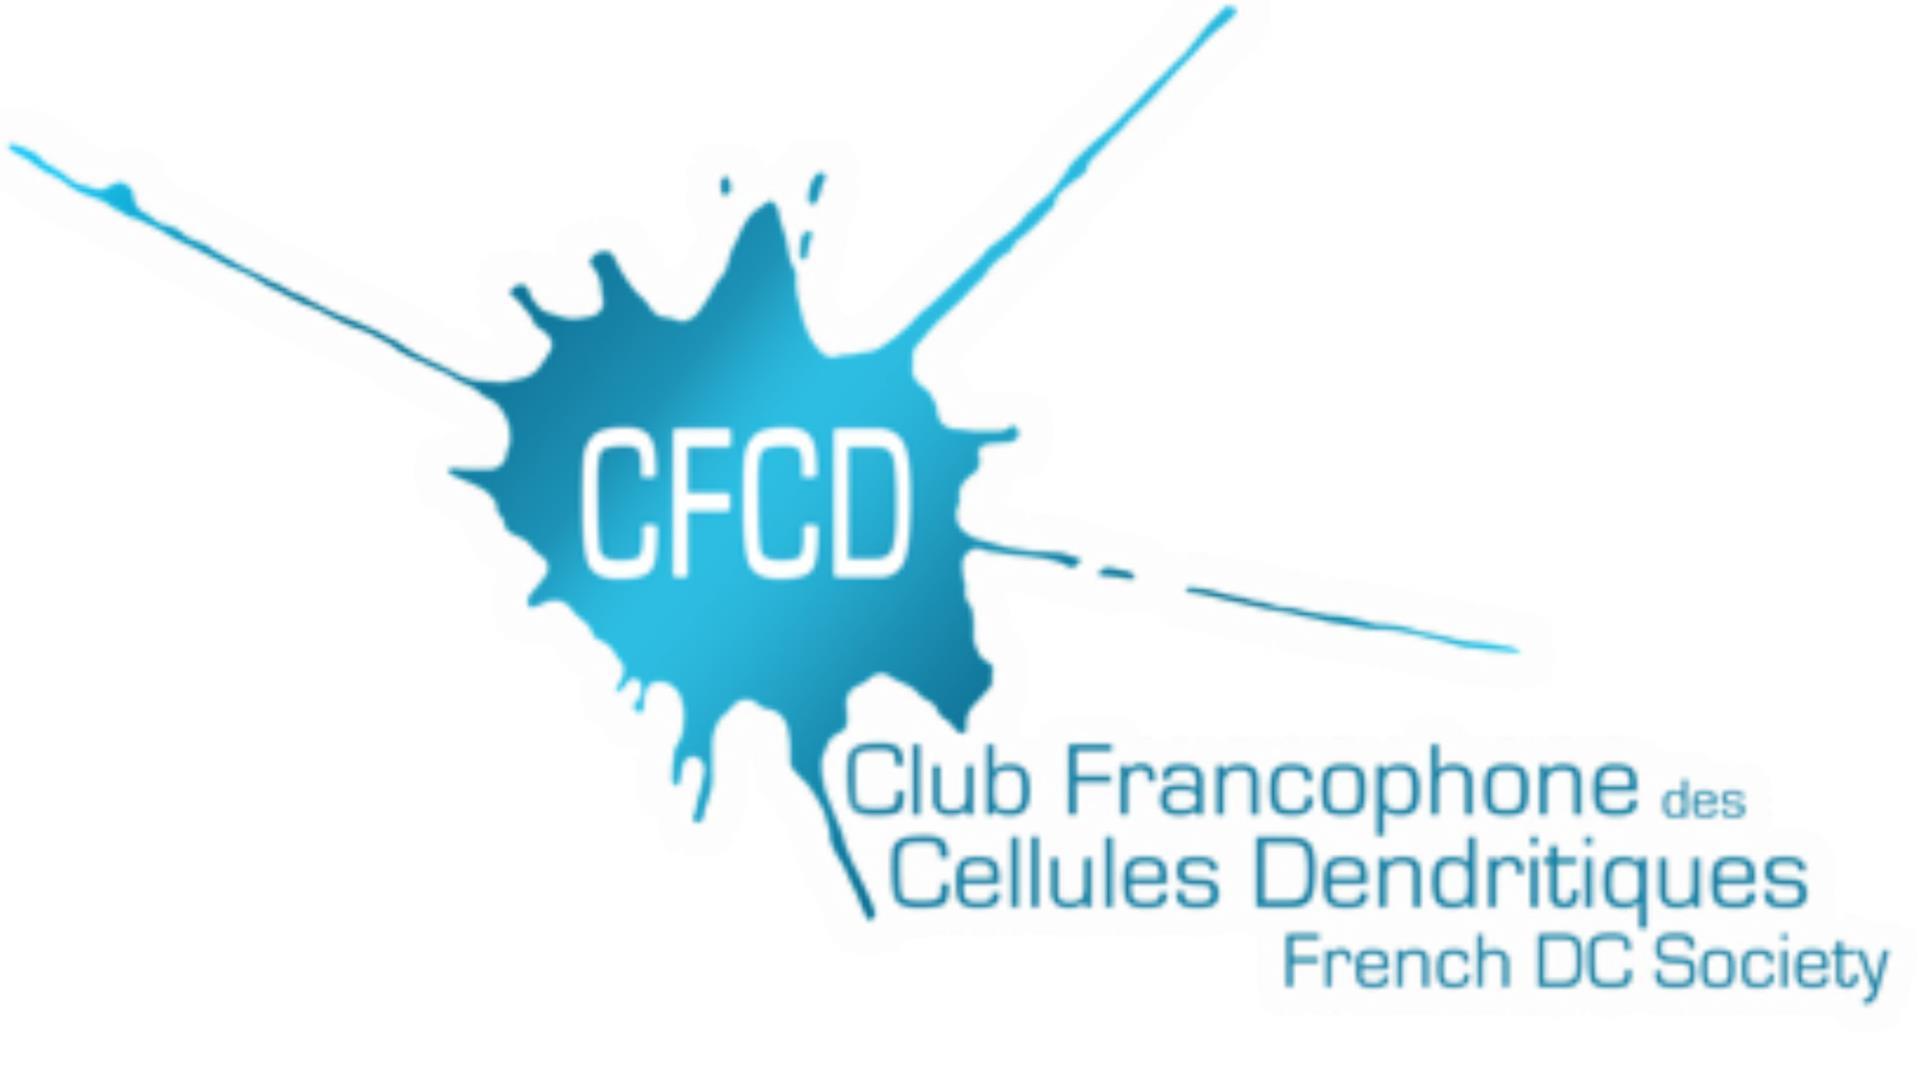 Association - club francophone des cellules dendritiques